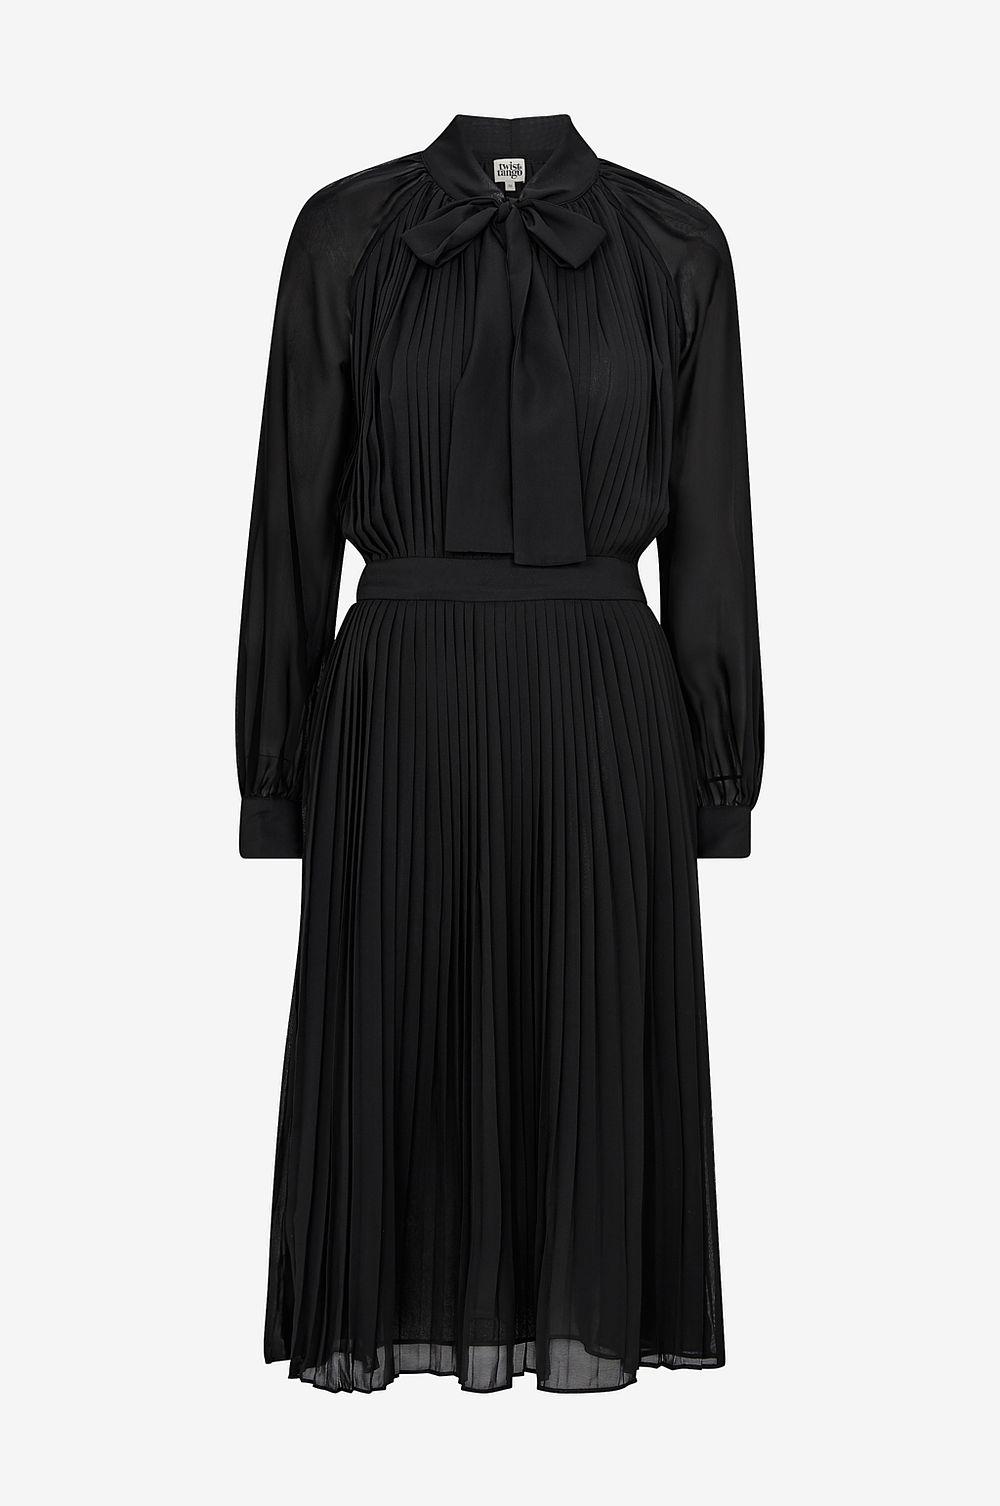 Om den inte faller dig i smaken ska du istället kika på den här klänningen  från Vero Moda (adlink) som inte är fullt så udda men fortfarande  tillräckligt ... 6c10aa0725994